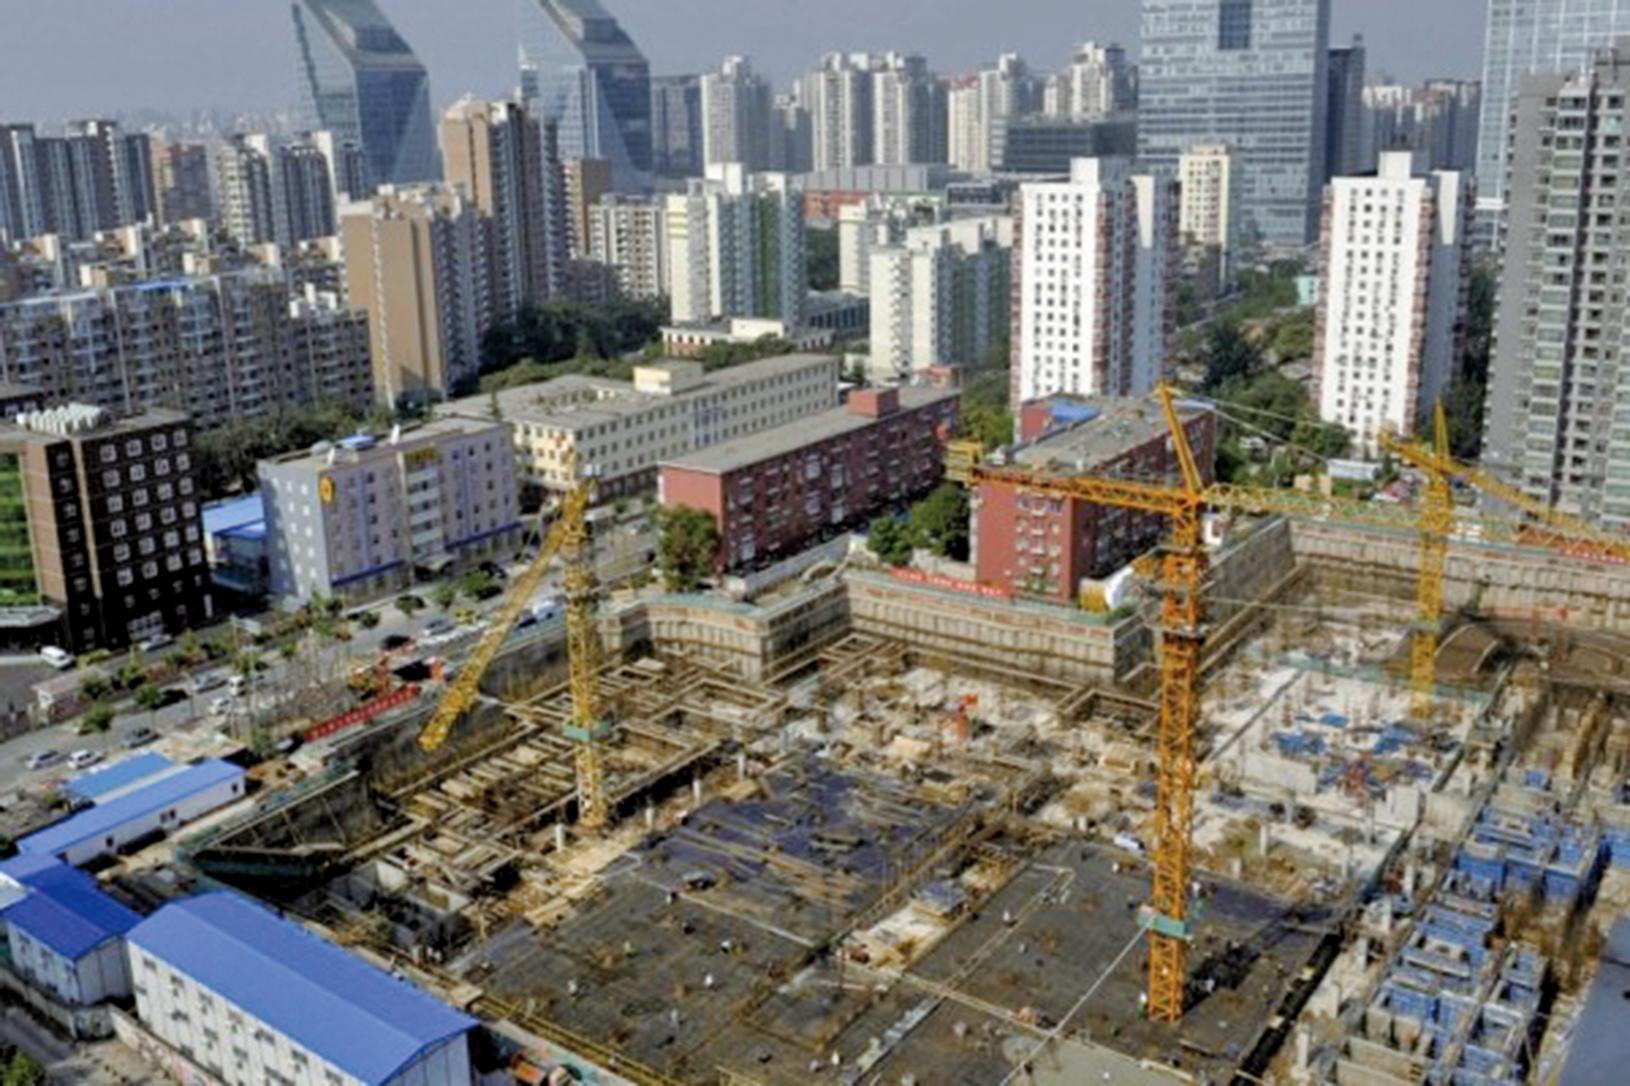 南京土地市場開始降溫,近期的土地拍賣會明顯冷清。(Getty Images)